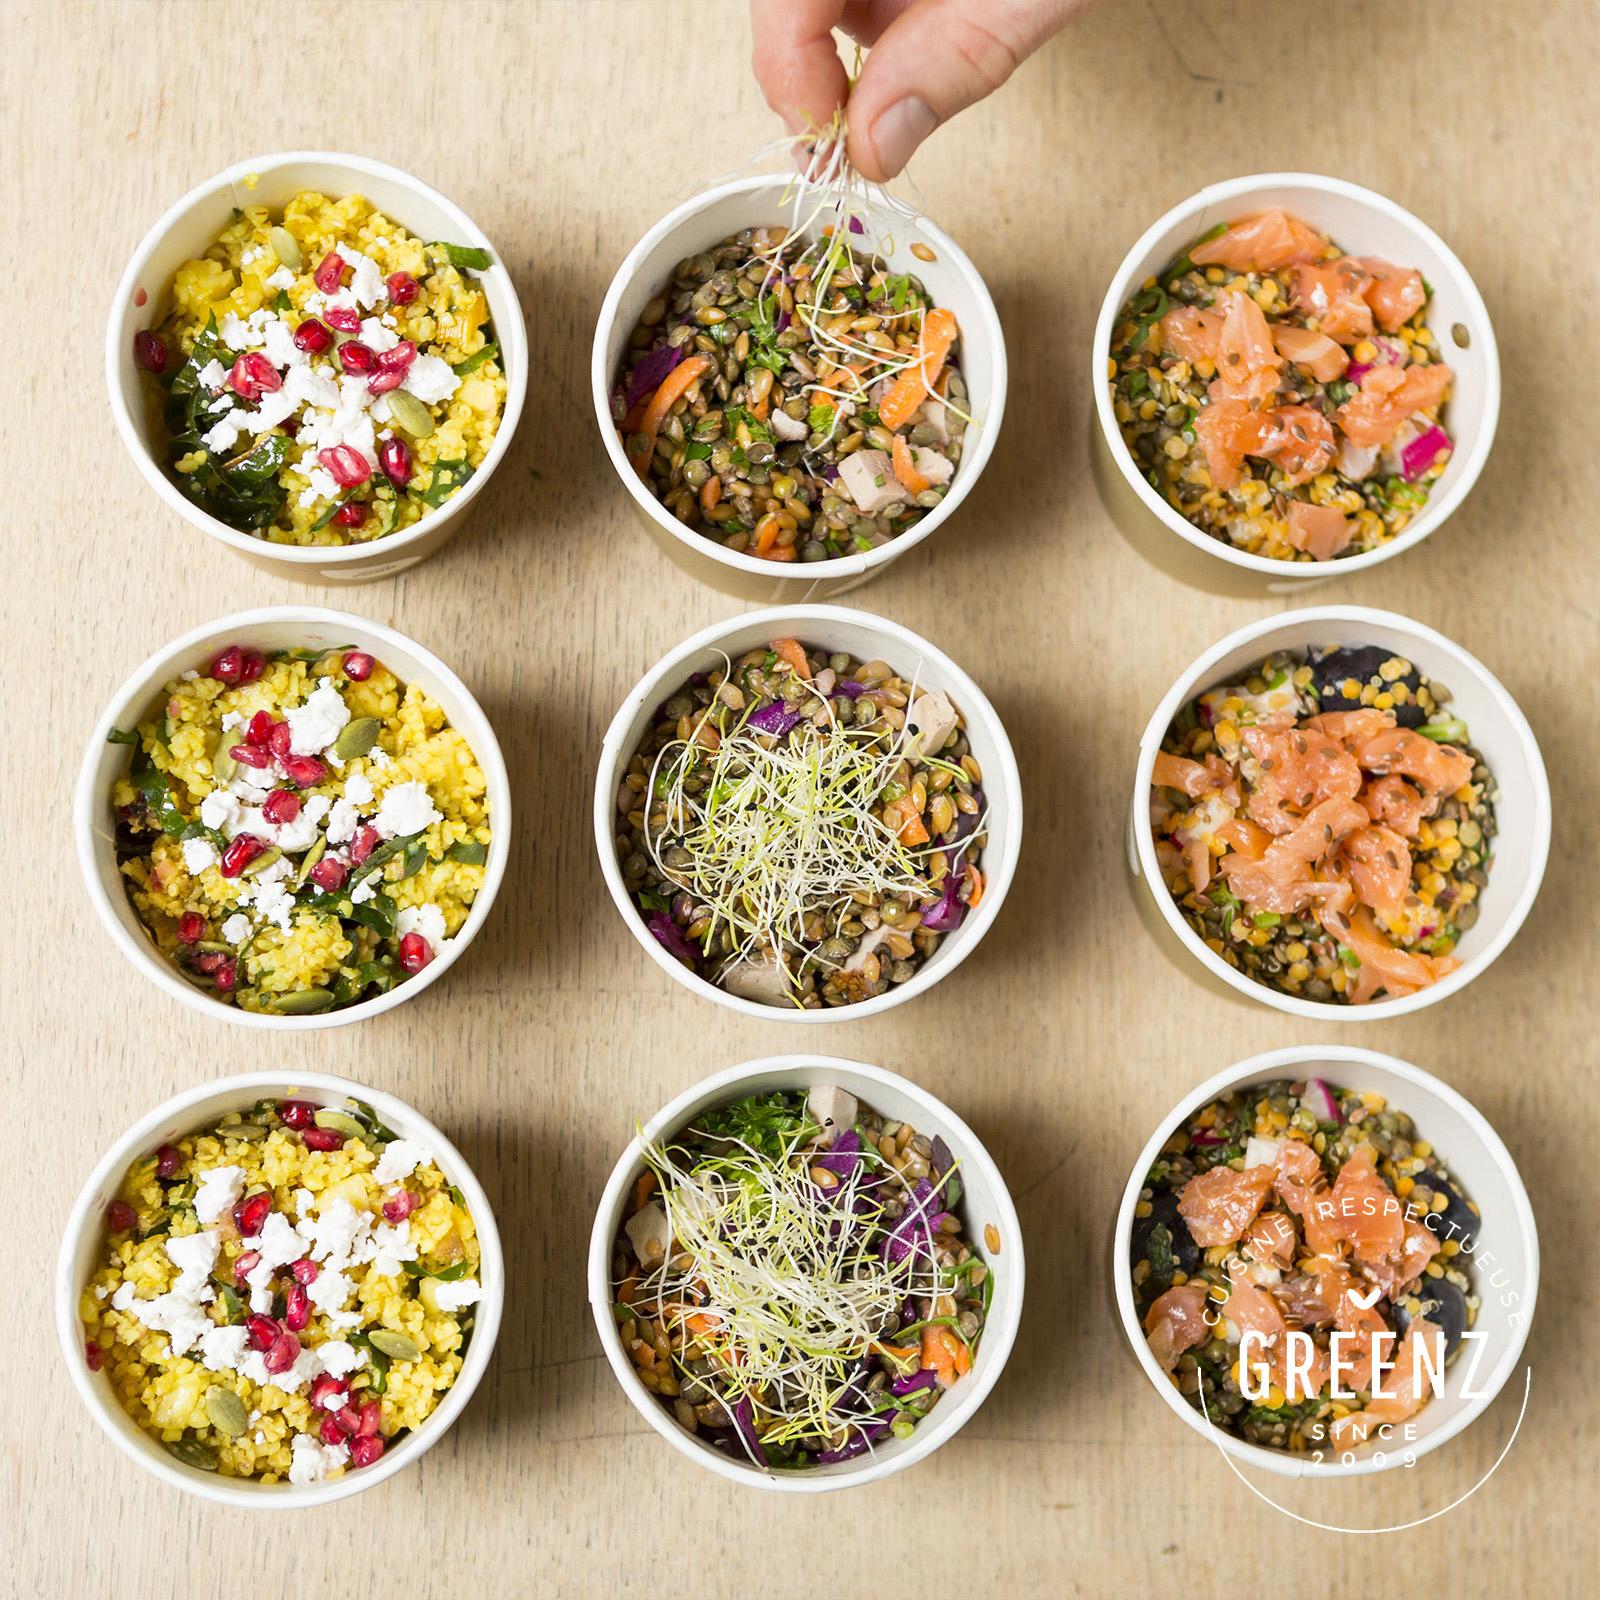 Organic wrap & salad  available to rent / verhuur / location at 50.8 Studio • Belgïe, Belgique, Belgium, Hasselblad, Huur, Location, Louer, Photo, Rent, Rental, Strobe, Studio, Verhuur, Video